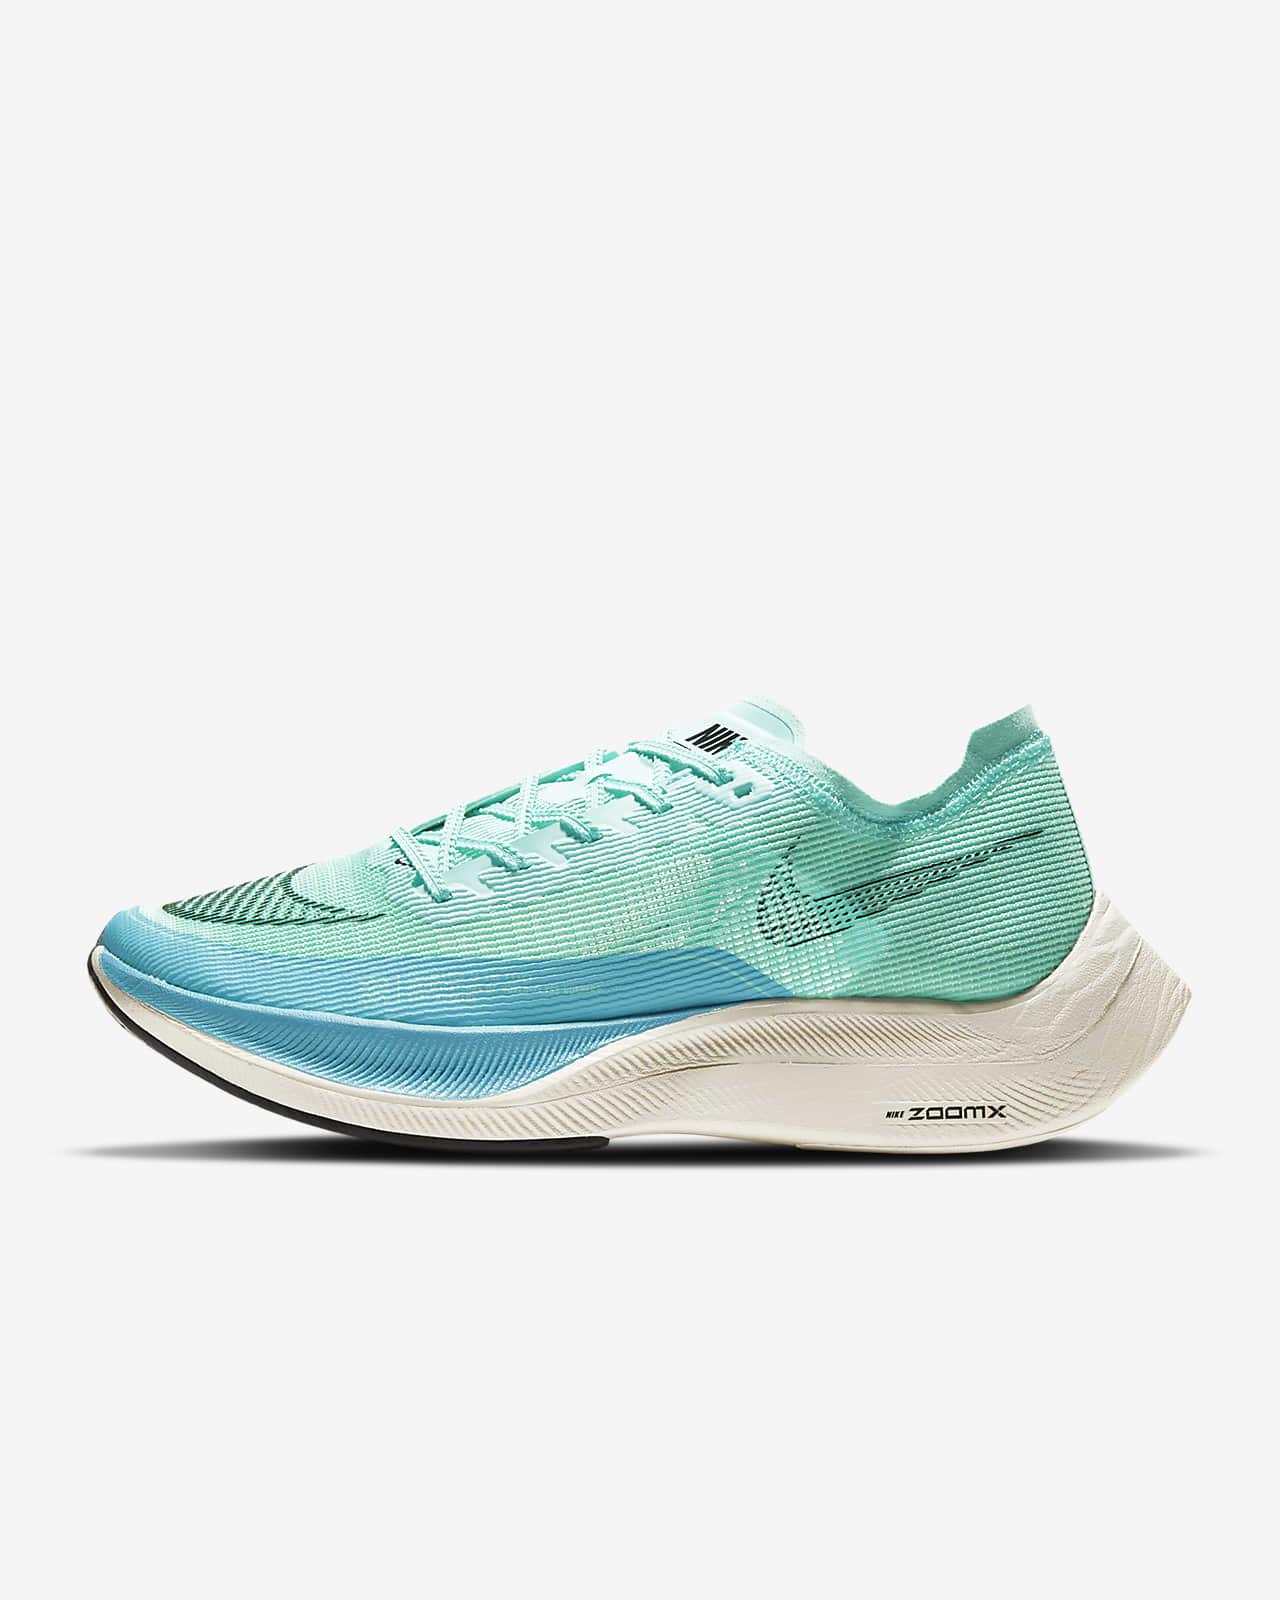 Sapatilhas de competição Nike ZoomX Vaporfly Next% 2 para homem